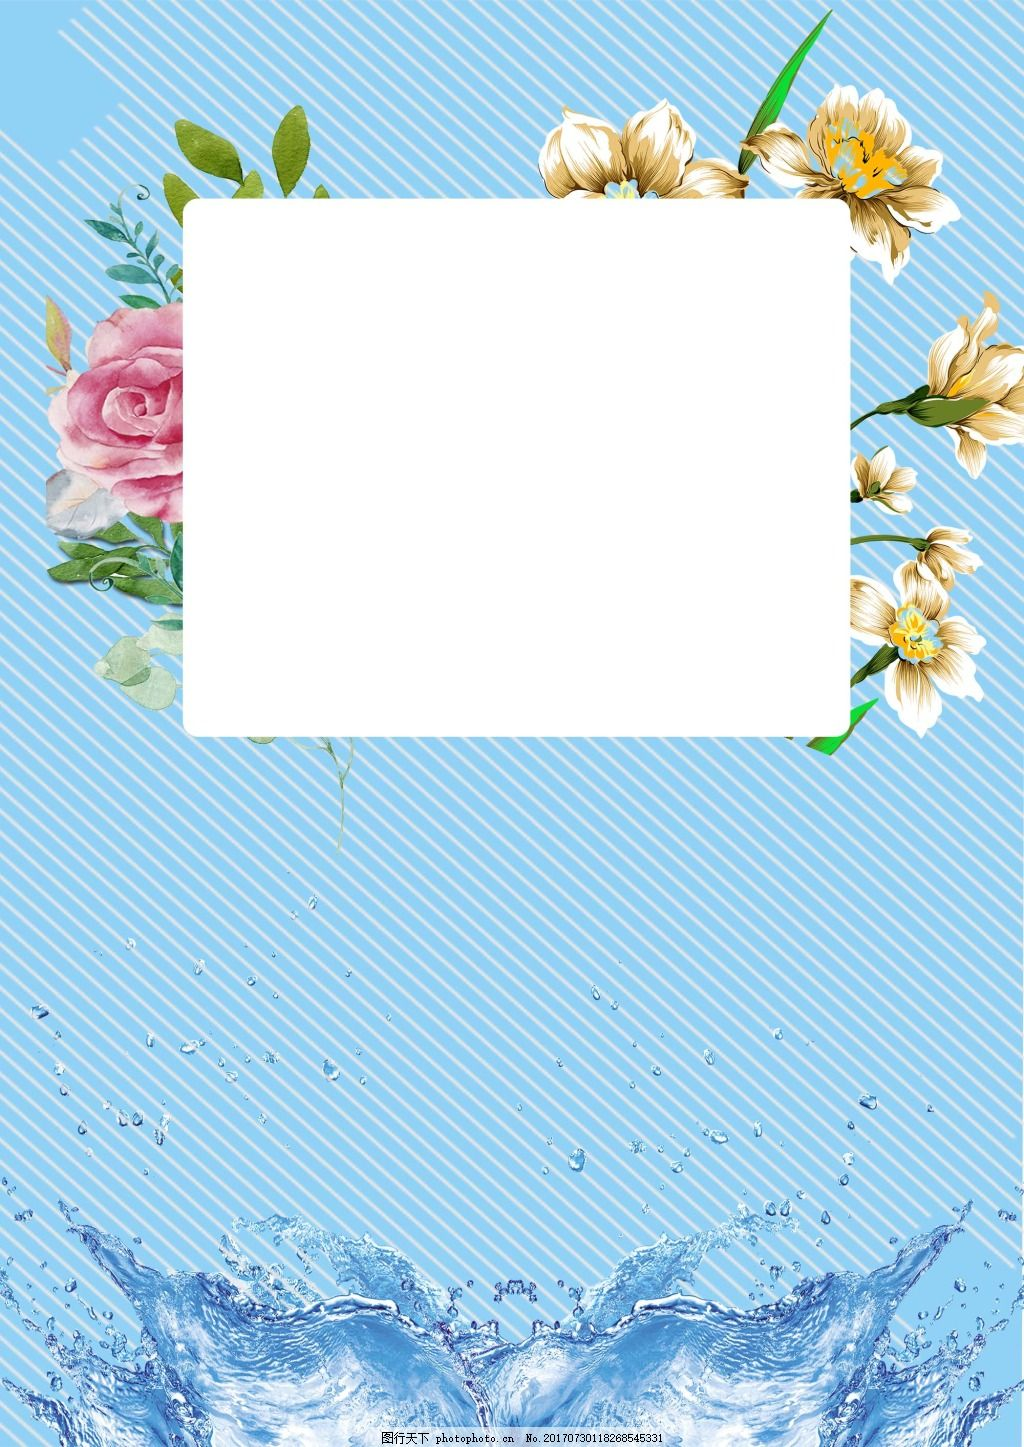 简约花纹蓝色水波背景 清凉 水珠 纹理 花朵 几何 海报